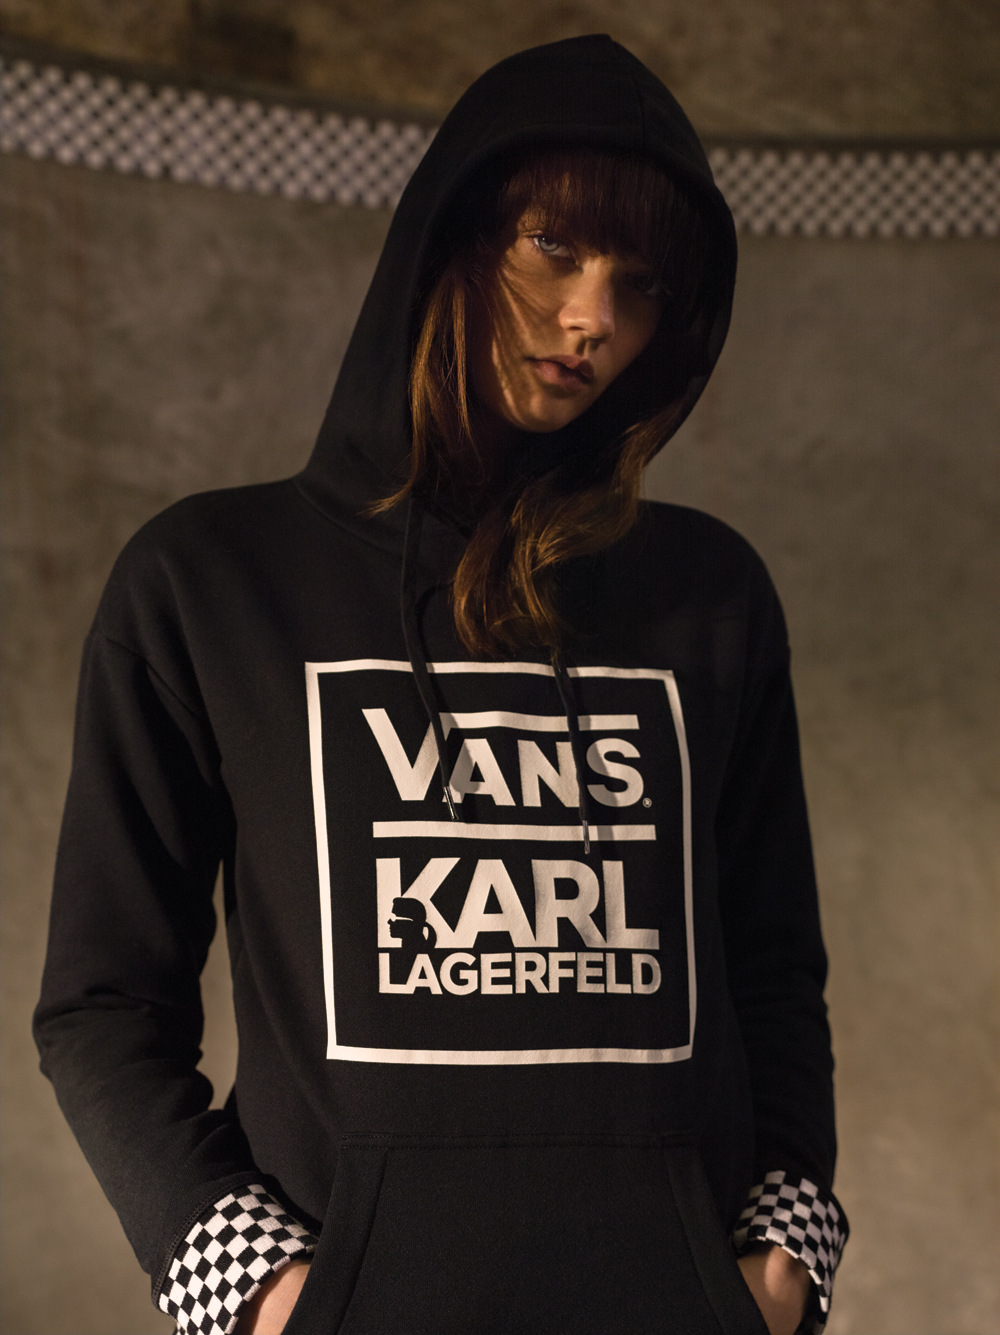 VANS et KARL LAGERFELD lancent une collection exclusive vraiment belle!